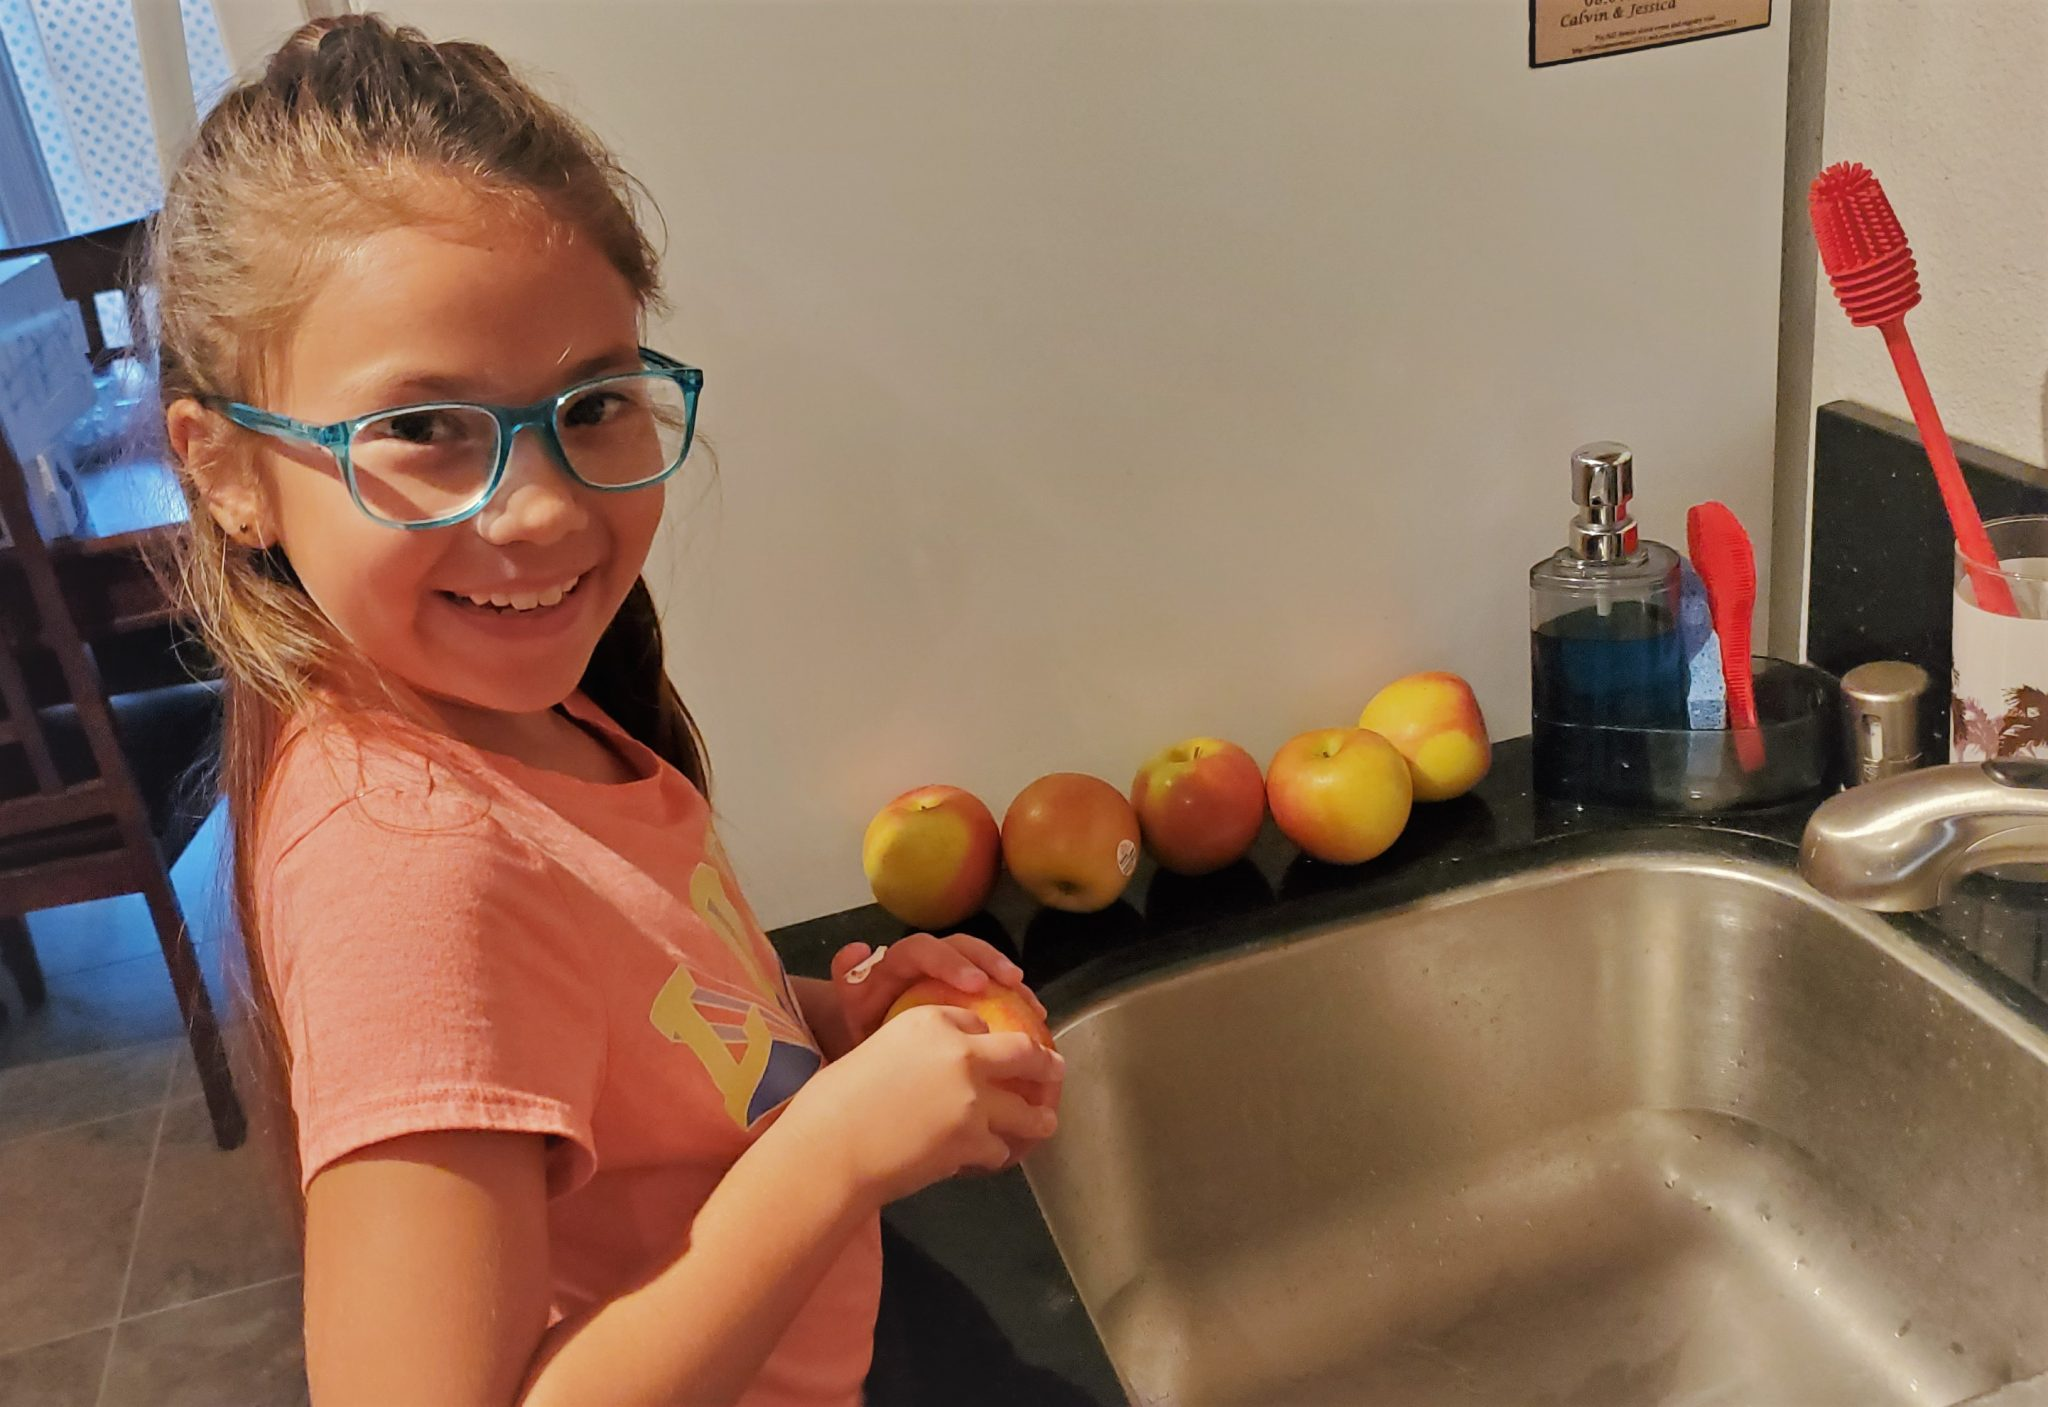 Prepping apples for apple crisp